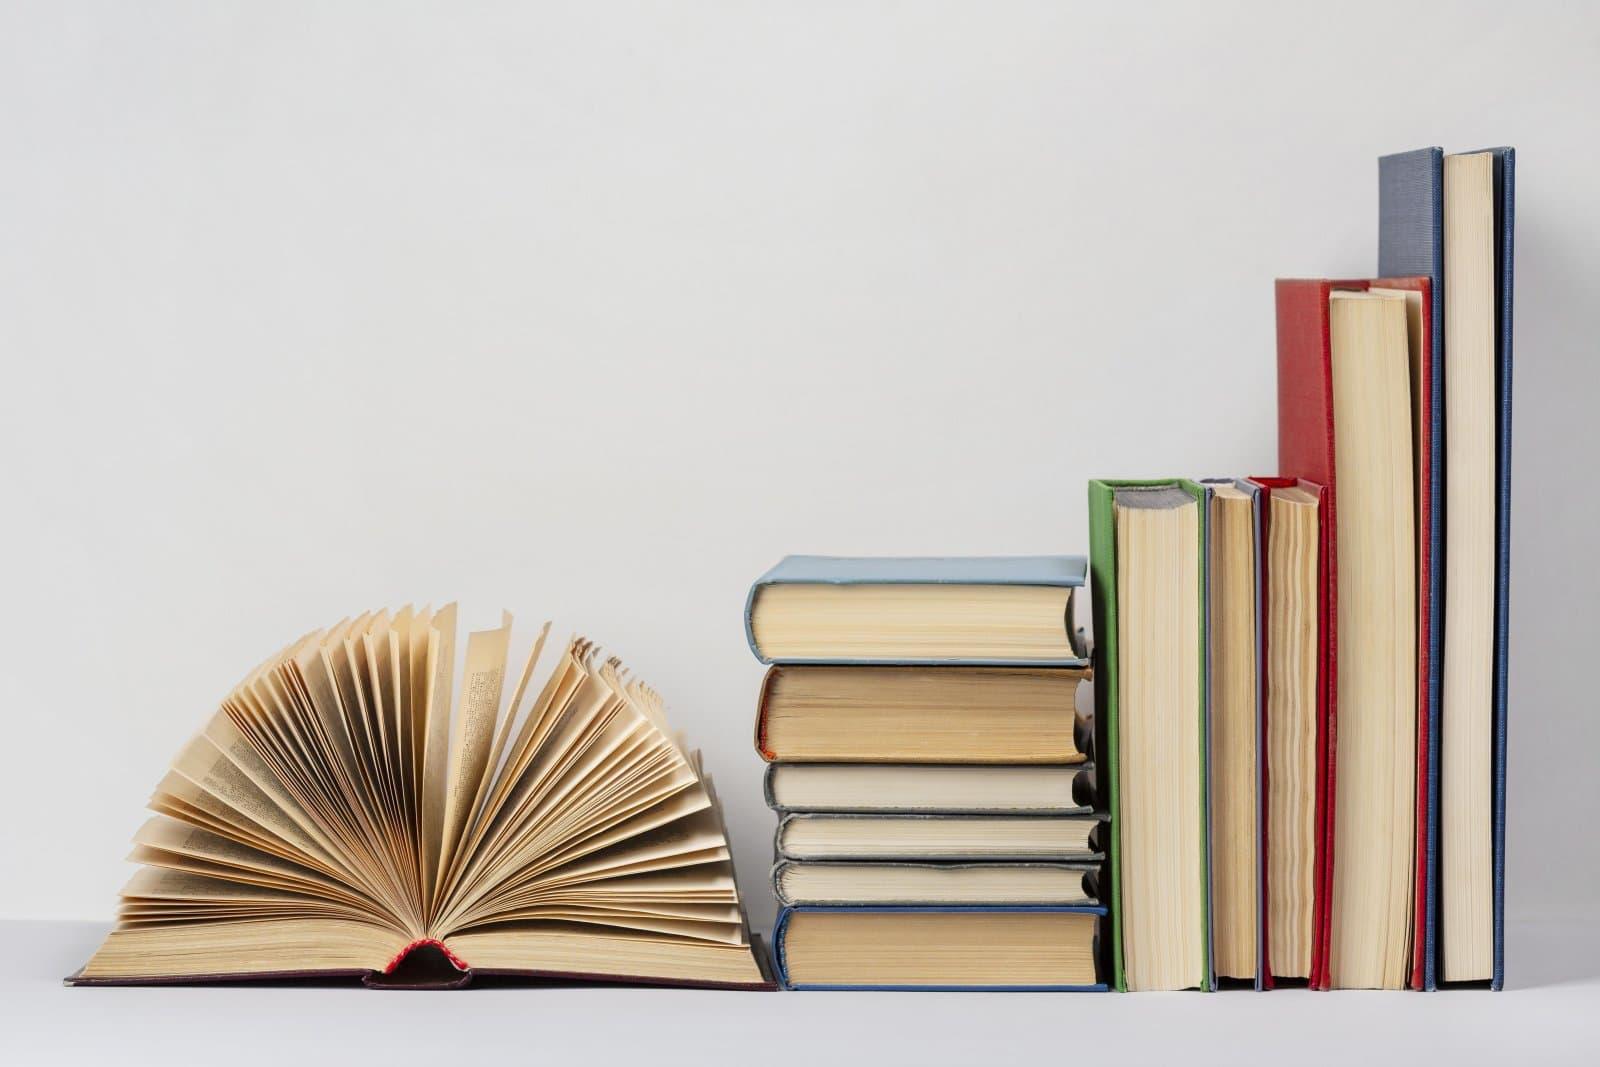 """`Polacy nie gęsi i swój język mają…"""". Szukasz książki kolarskiej? Mamy kilka propozycji"""